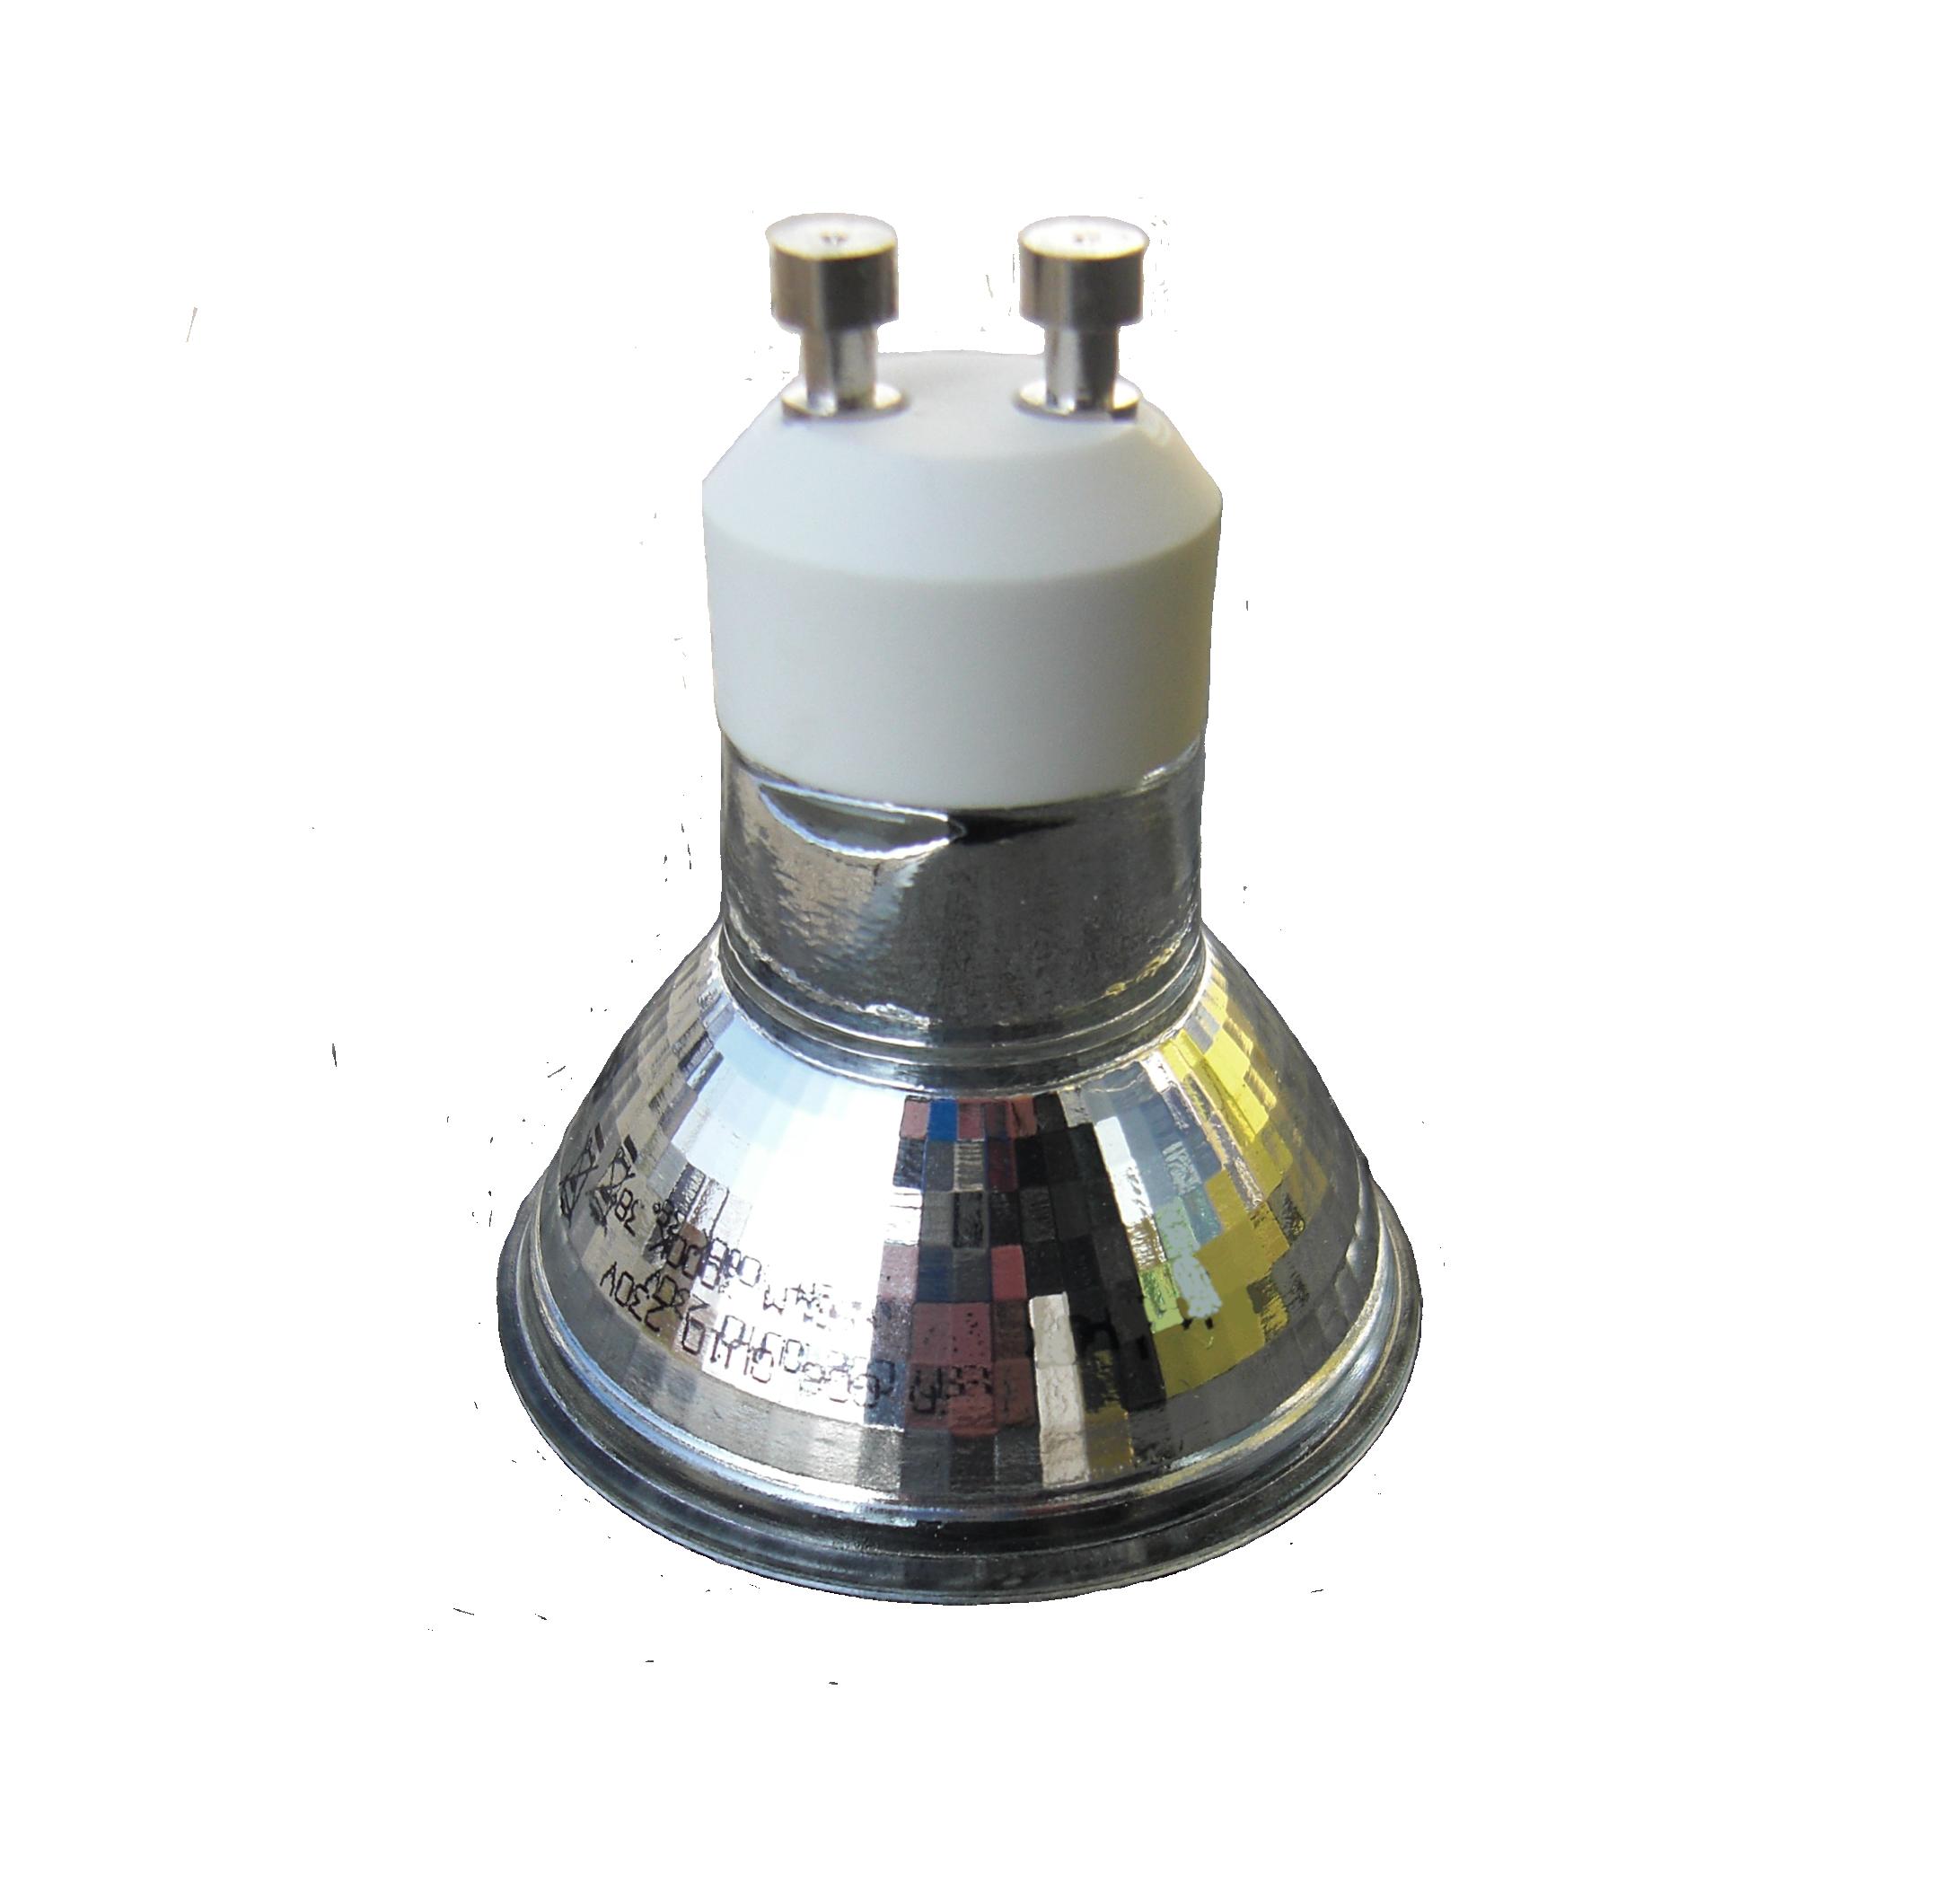 LED Spot - Tageslicht (5 Watt, 220-250V, GU10)